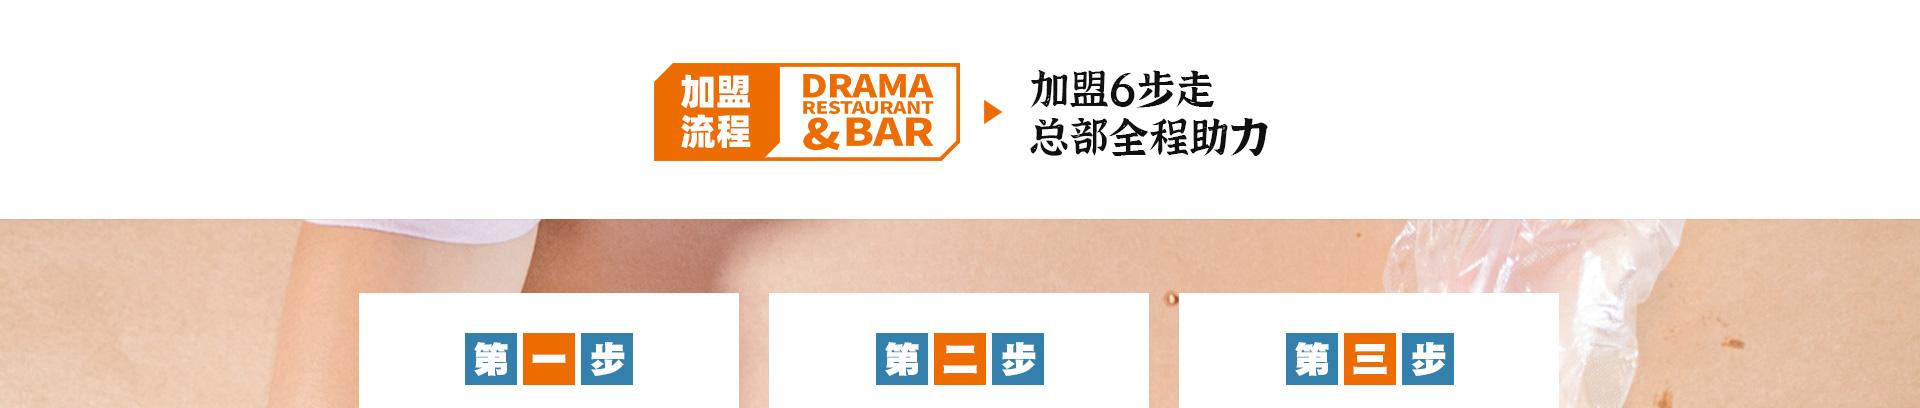 Drama抓麻手抓海鲜小酒馆详情_17